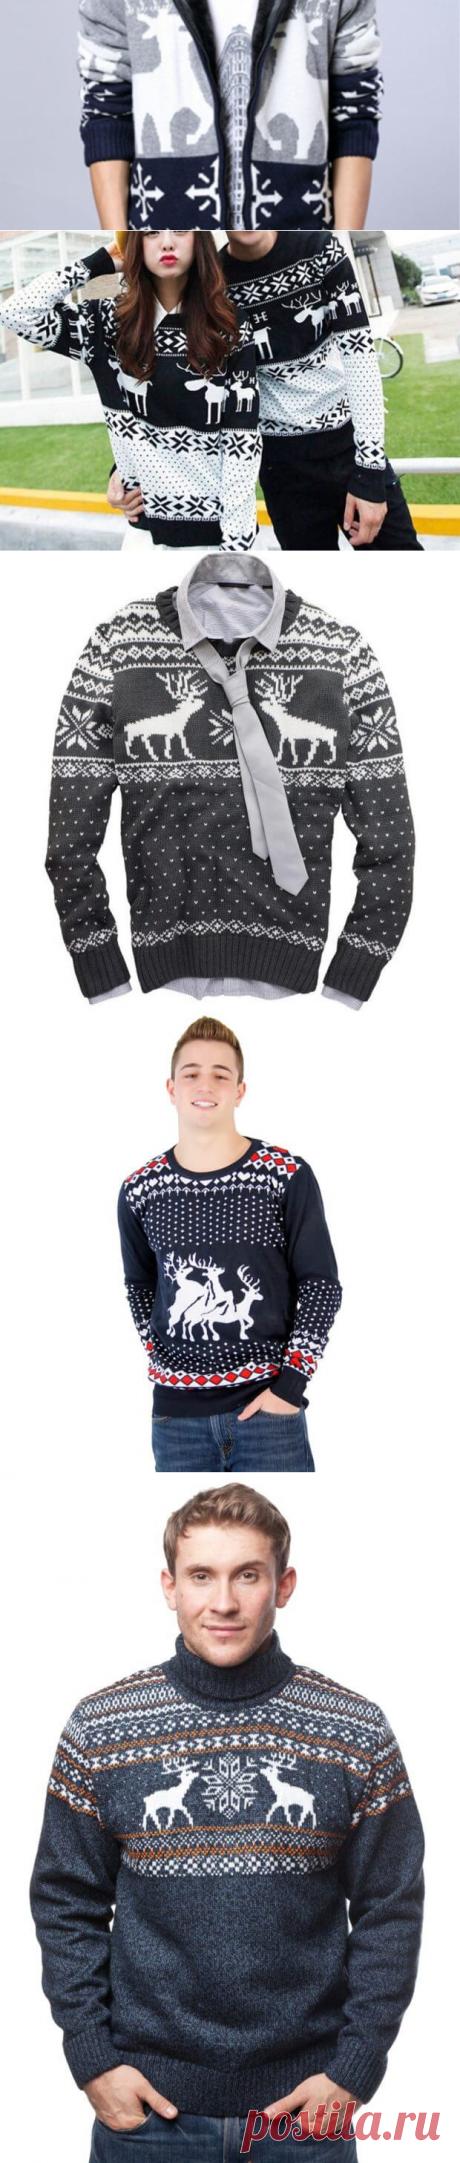 Теплые вязаные свитера с оленями мужские: 70 фото | В ТЕМПЕ ЖИЗНИ